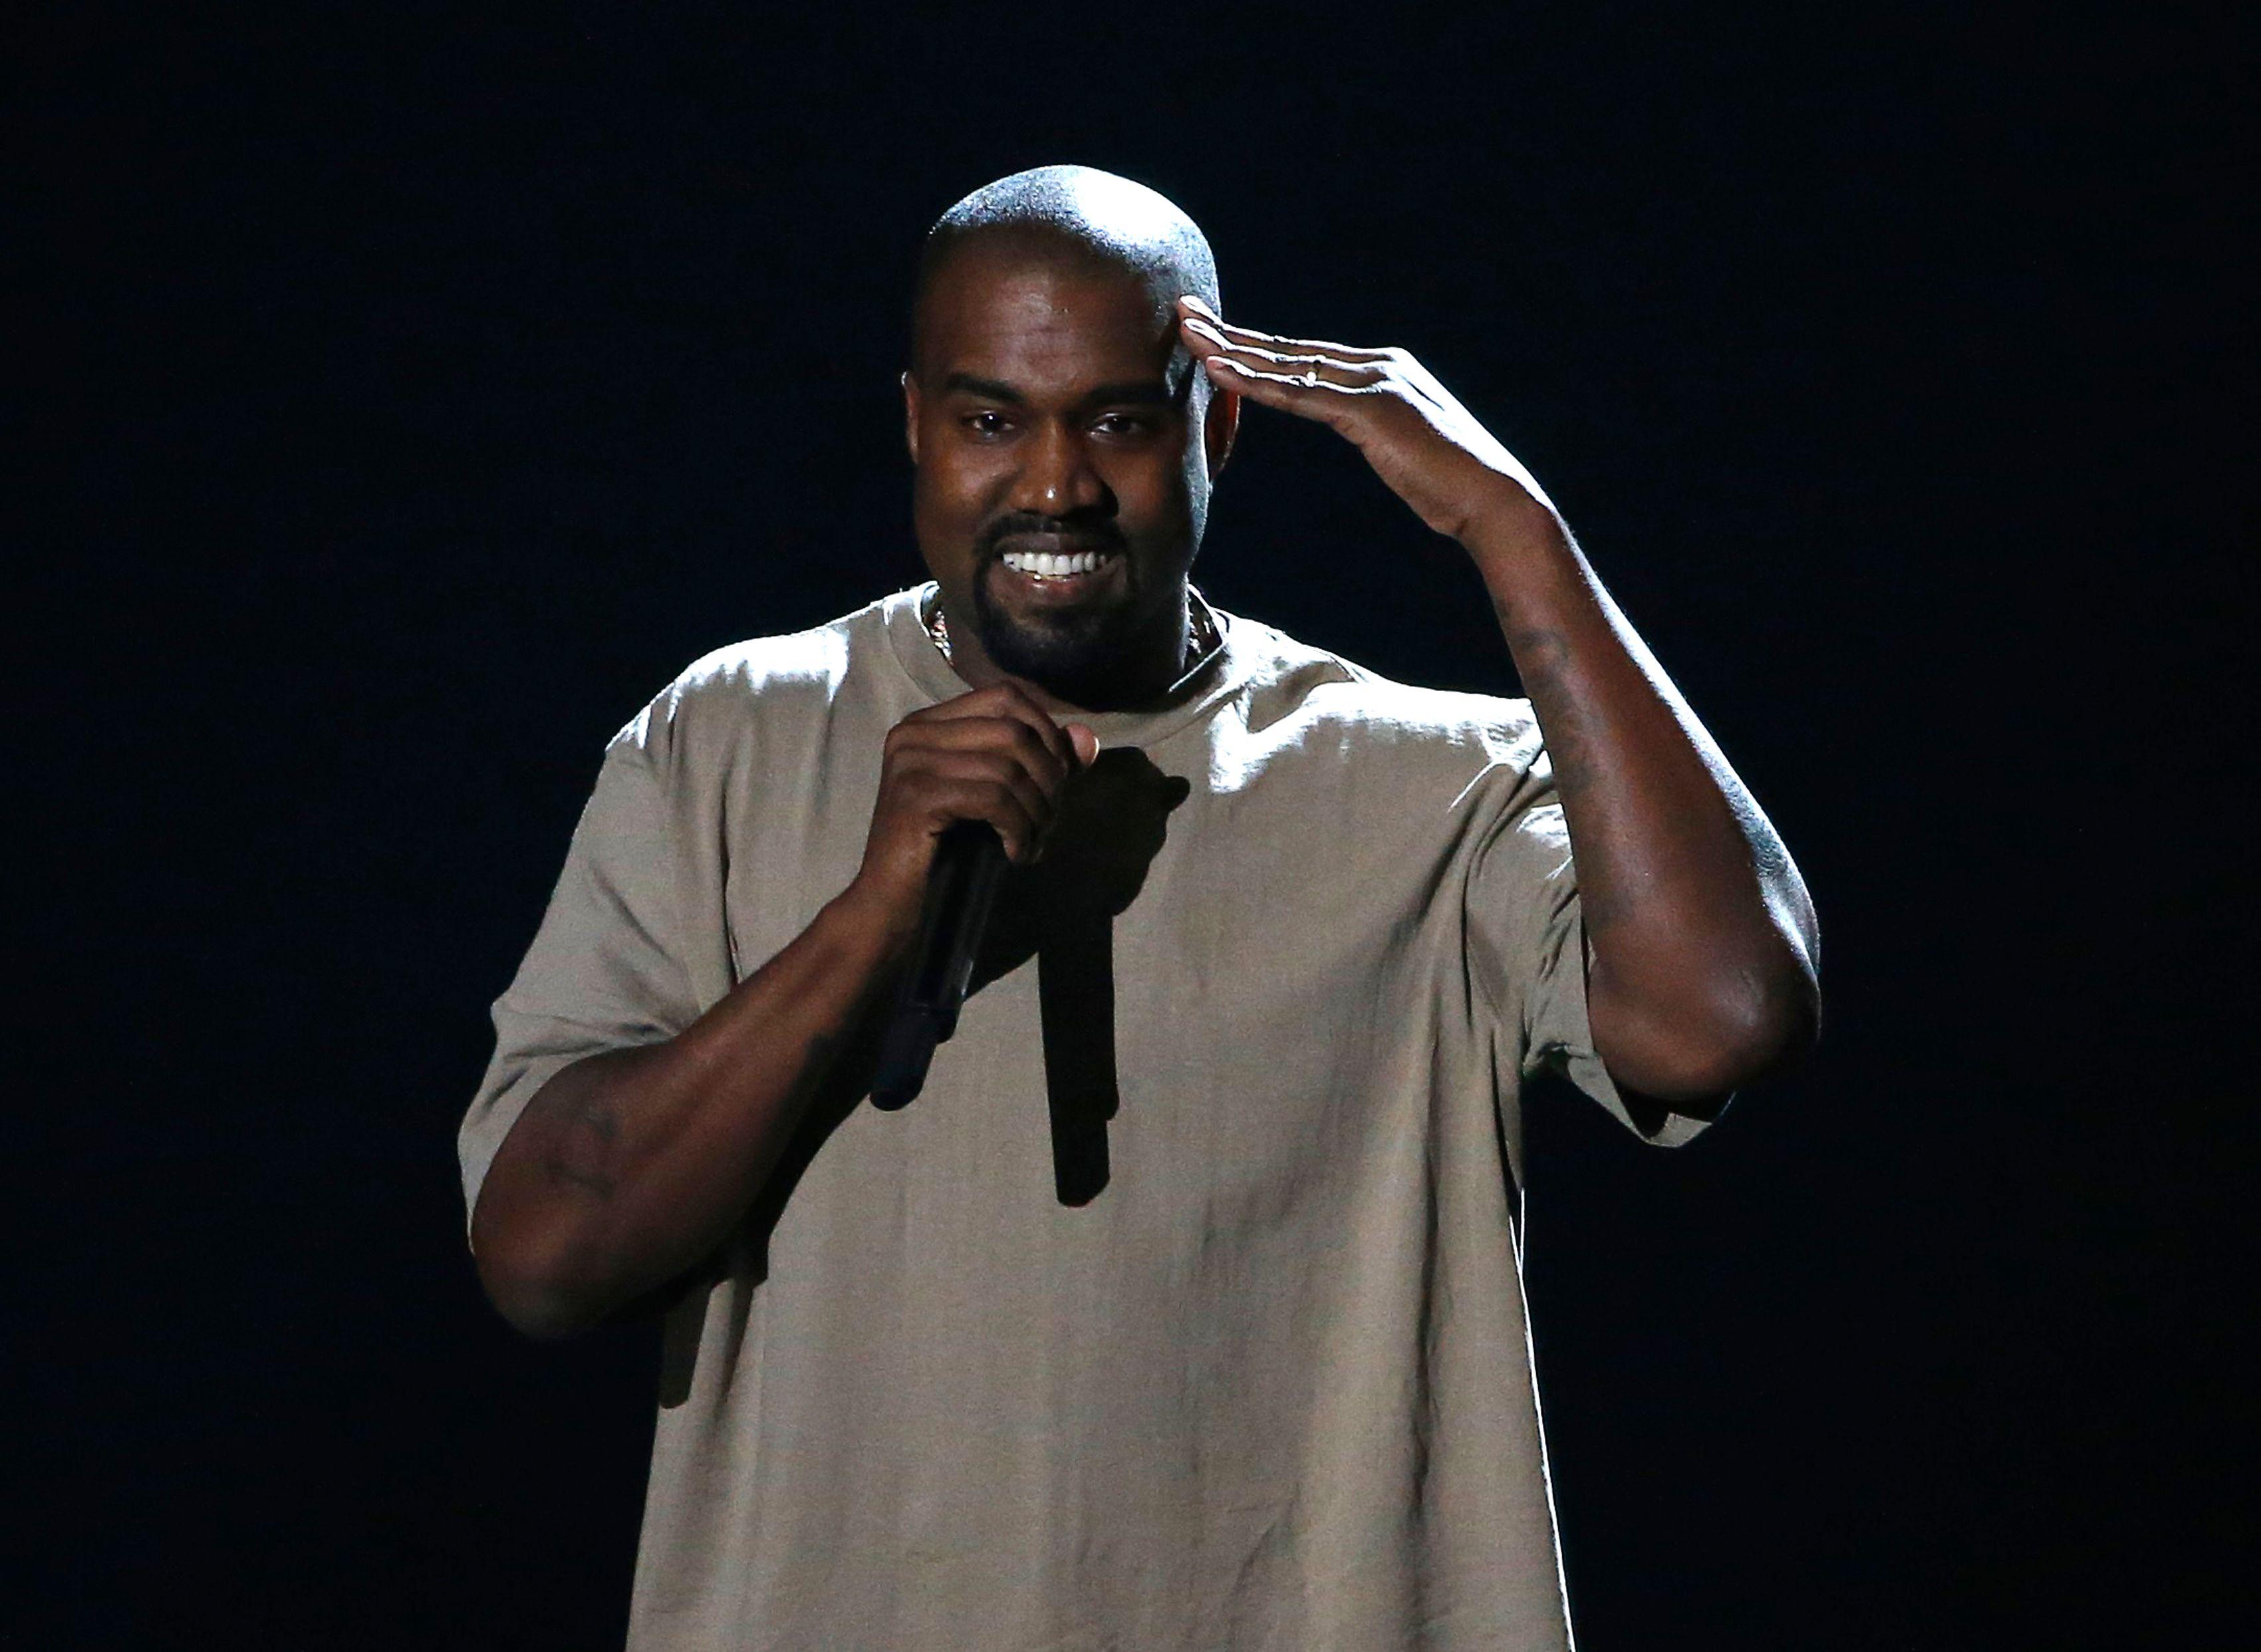 """Kanye West serait convaincu d'être """"Dieu"""" et deviendrait """"incontrôlable"""""""